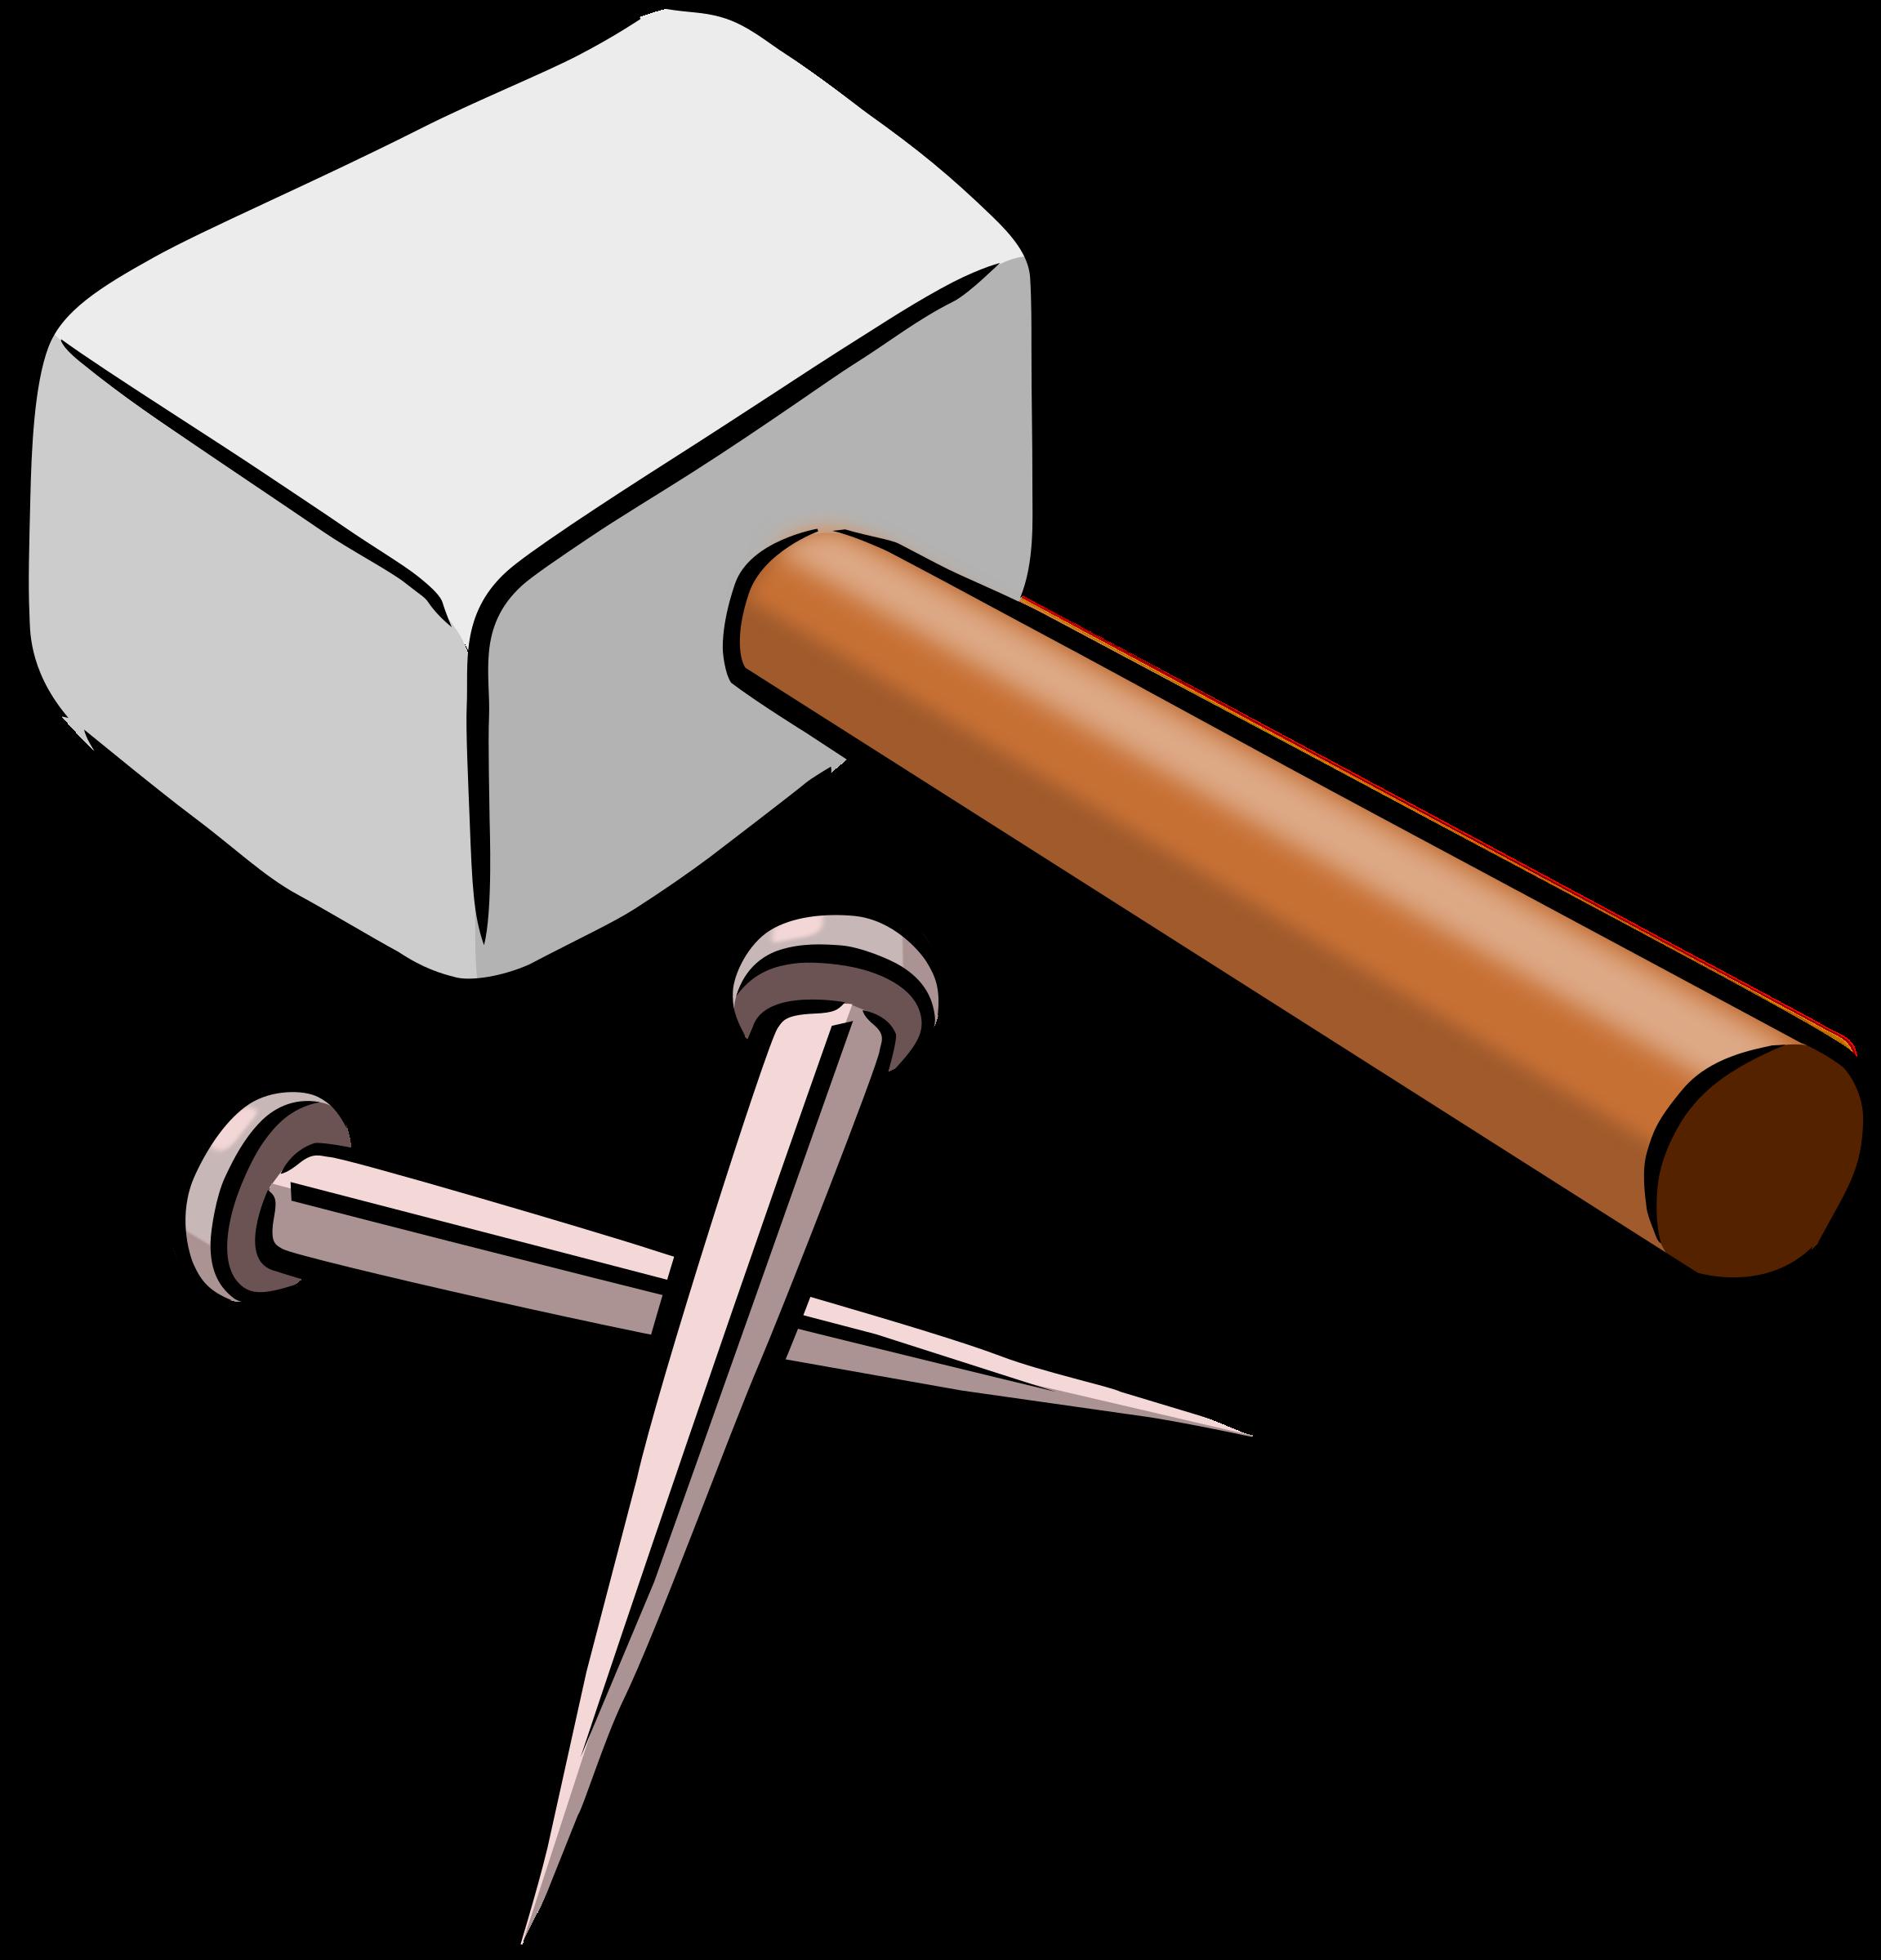 Nails clipart hammer And Clipart Nails Nails Hammer